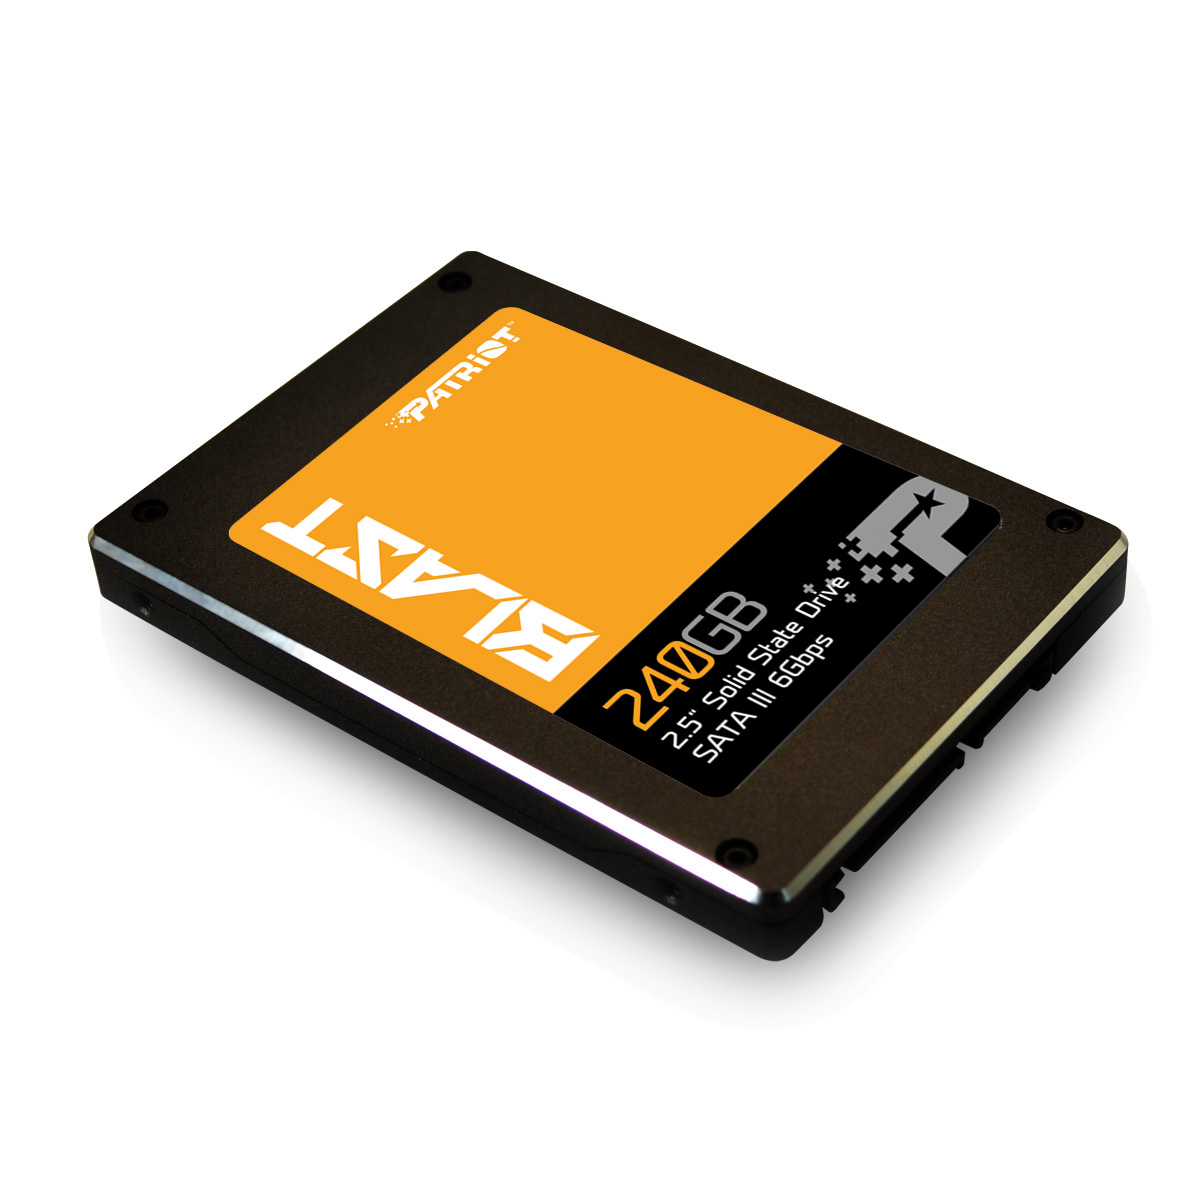 SSD 240GB Blast Sata III 2.5 7mm PBT240GS25SSDR - Patriot